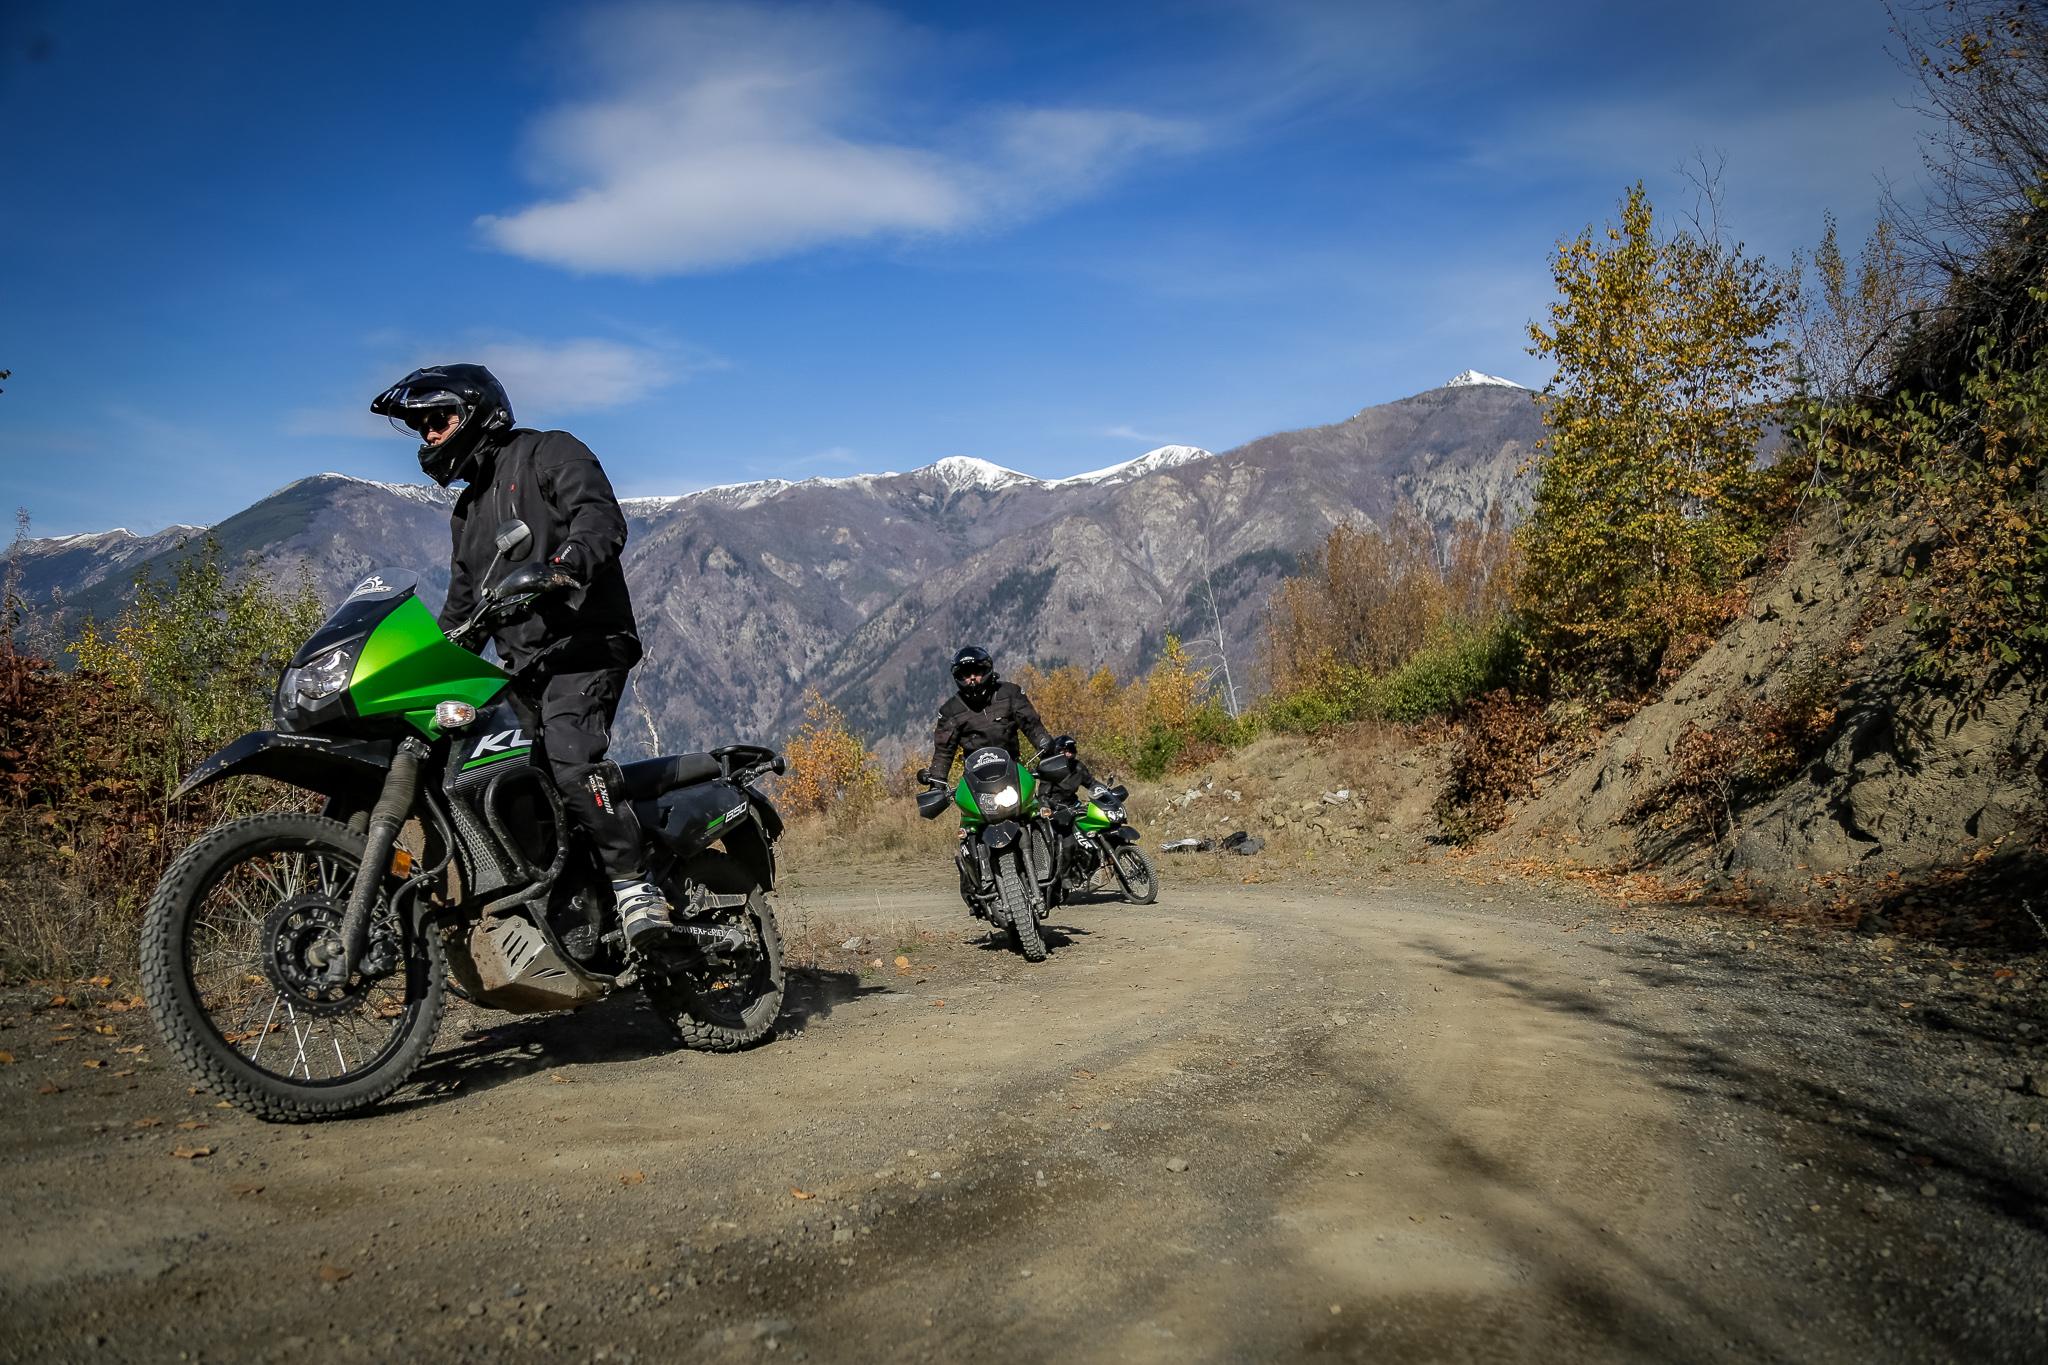 Riding motorbikes around Pemberton